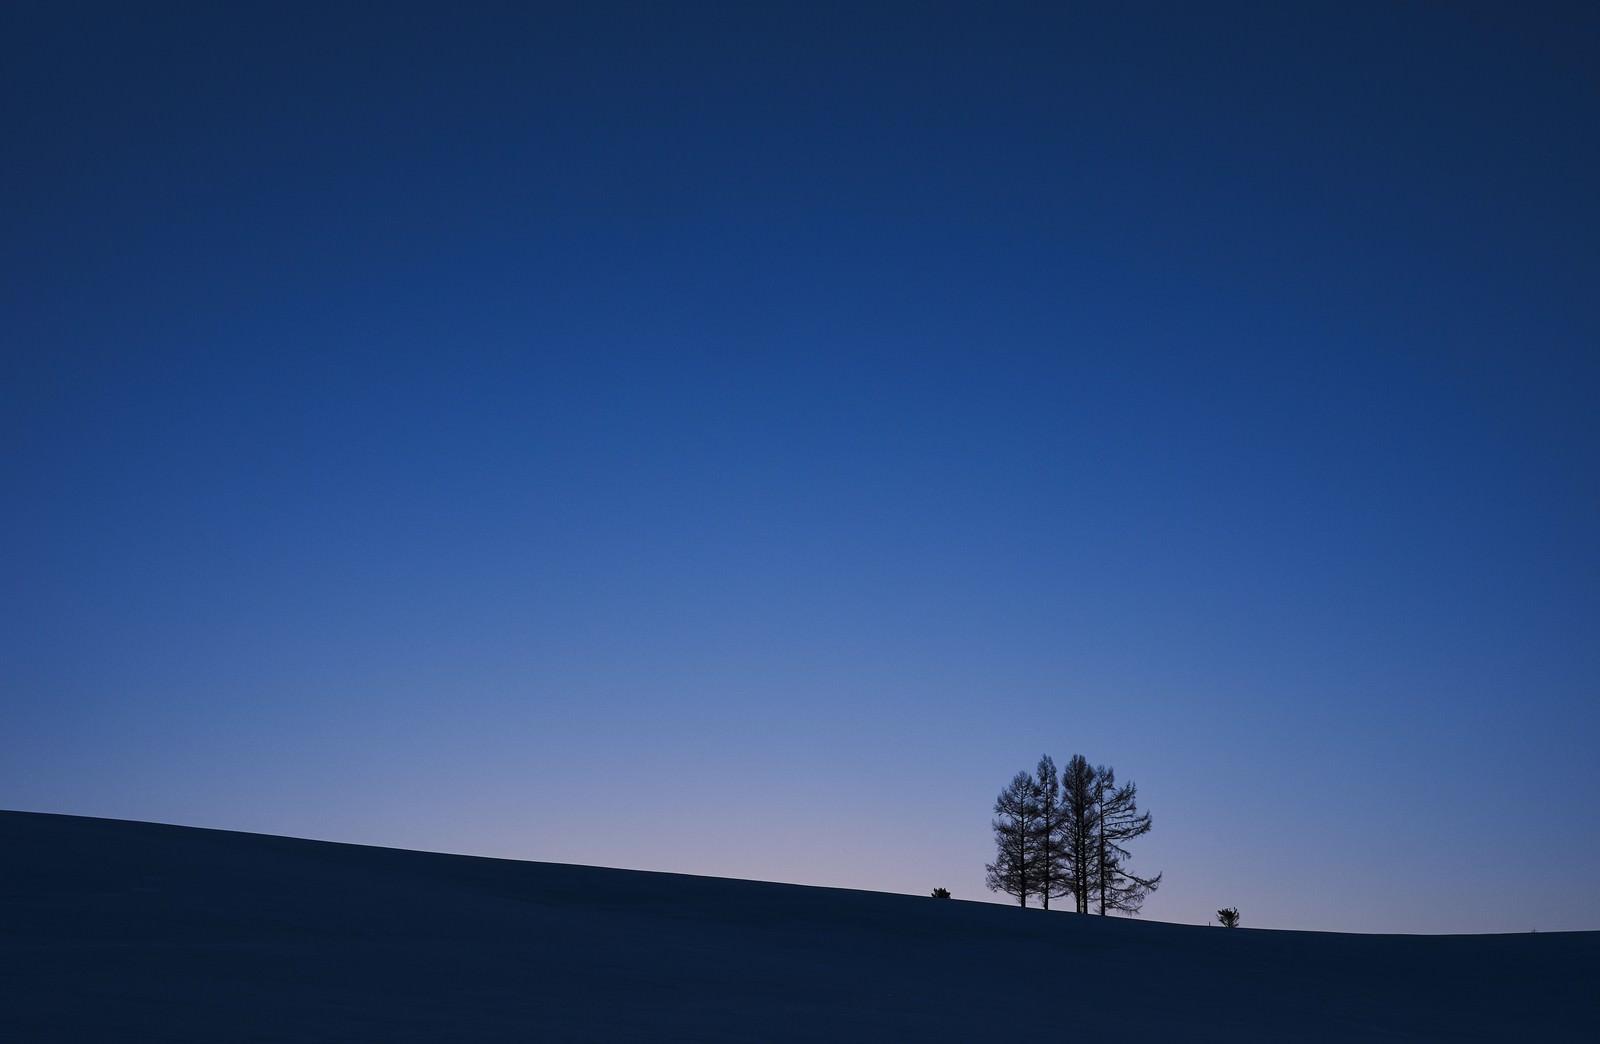 「夕暮れにただずむ5本の木夕暮れにただずむ5本の木」のフリー写真素材を拡大